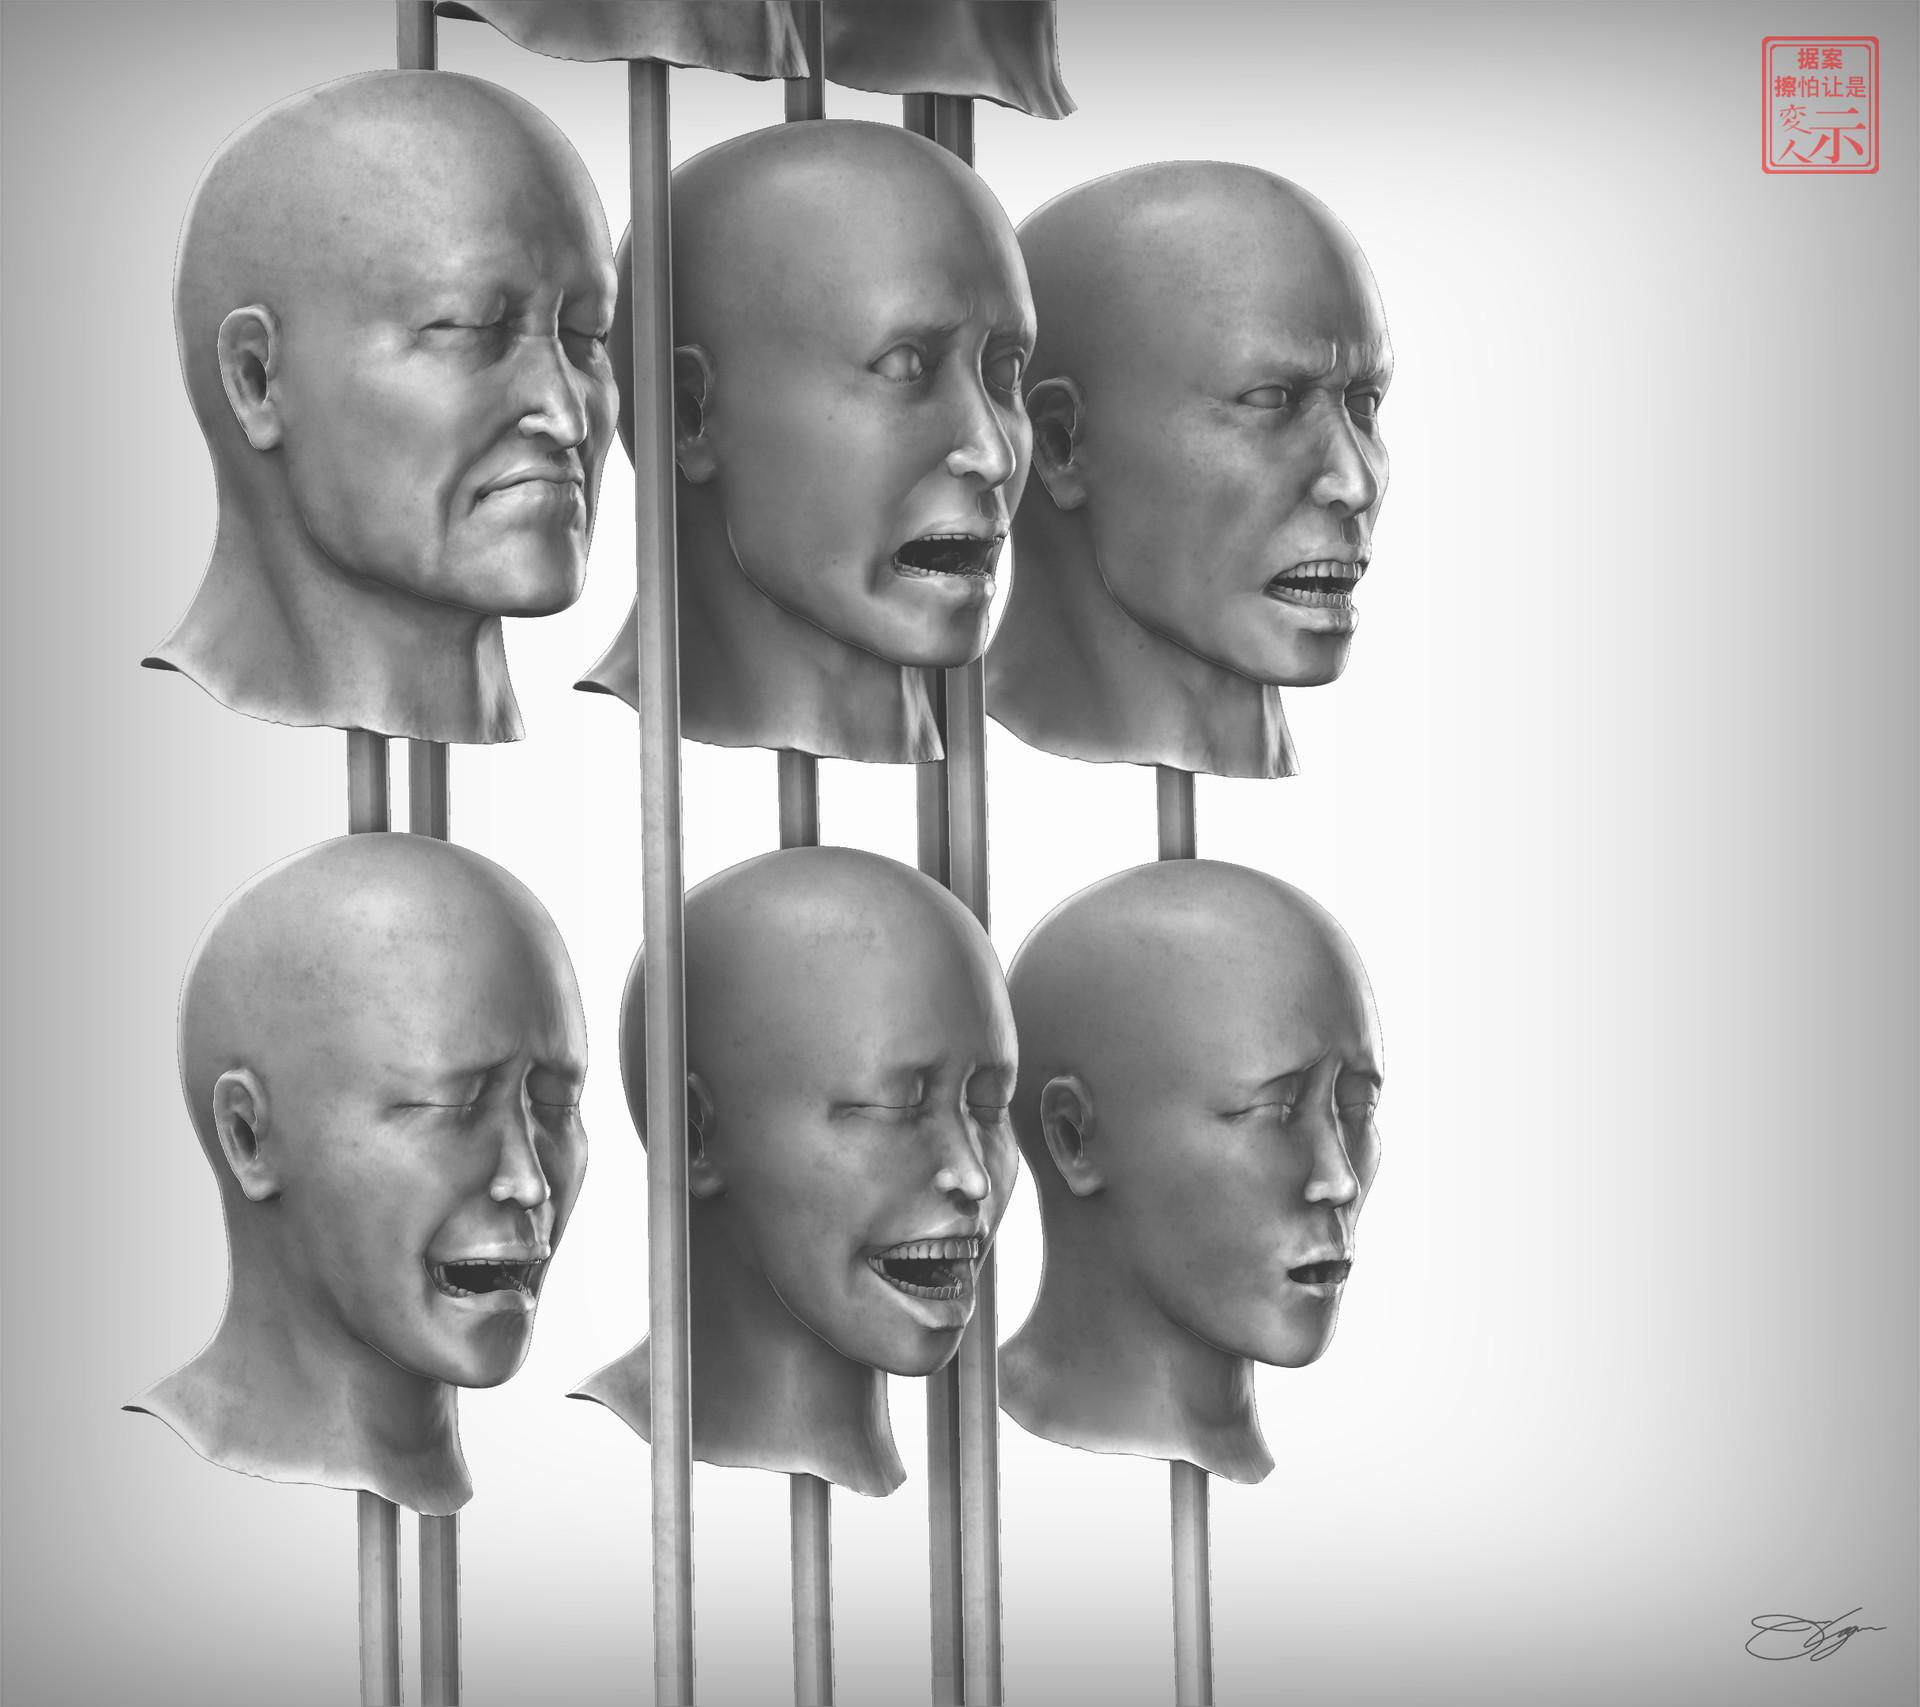 Human Head & Facial Expressions Study